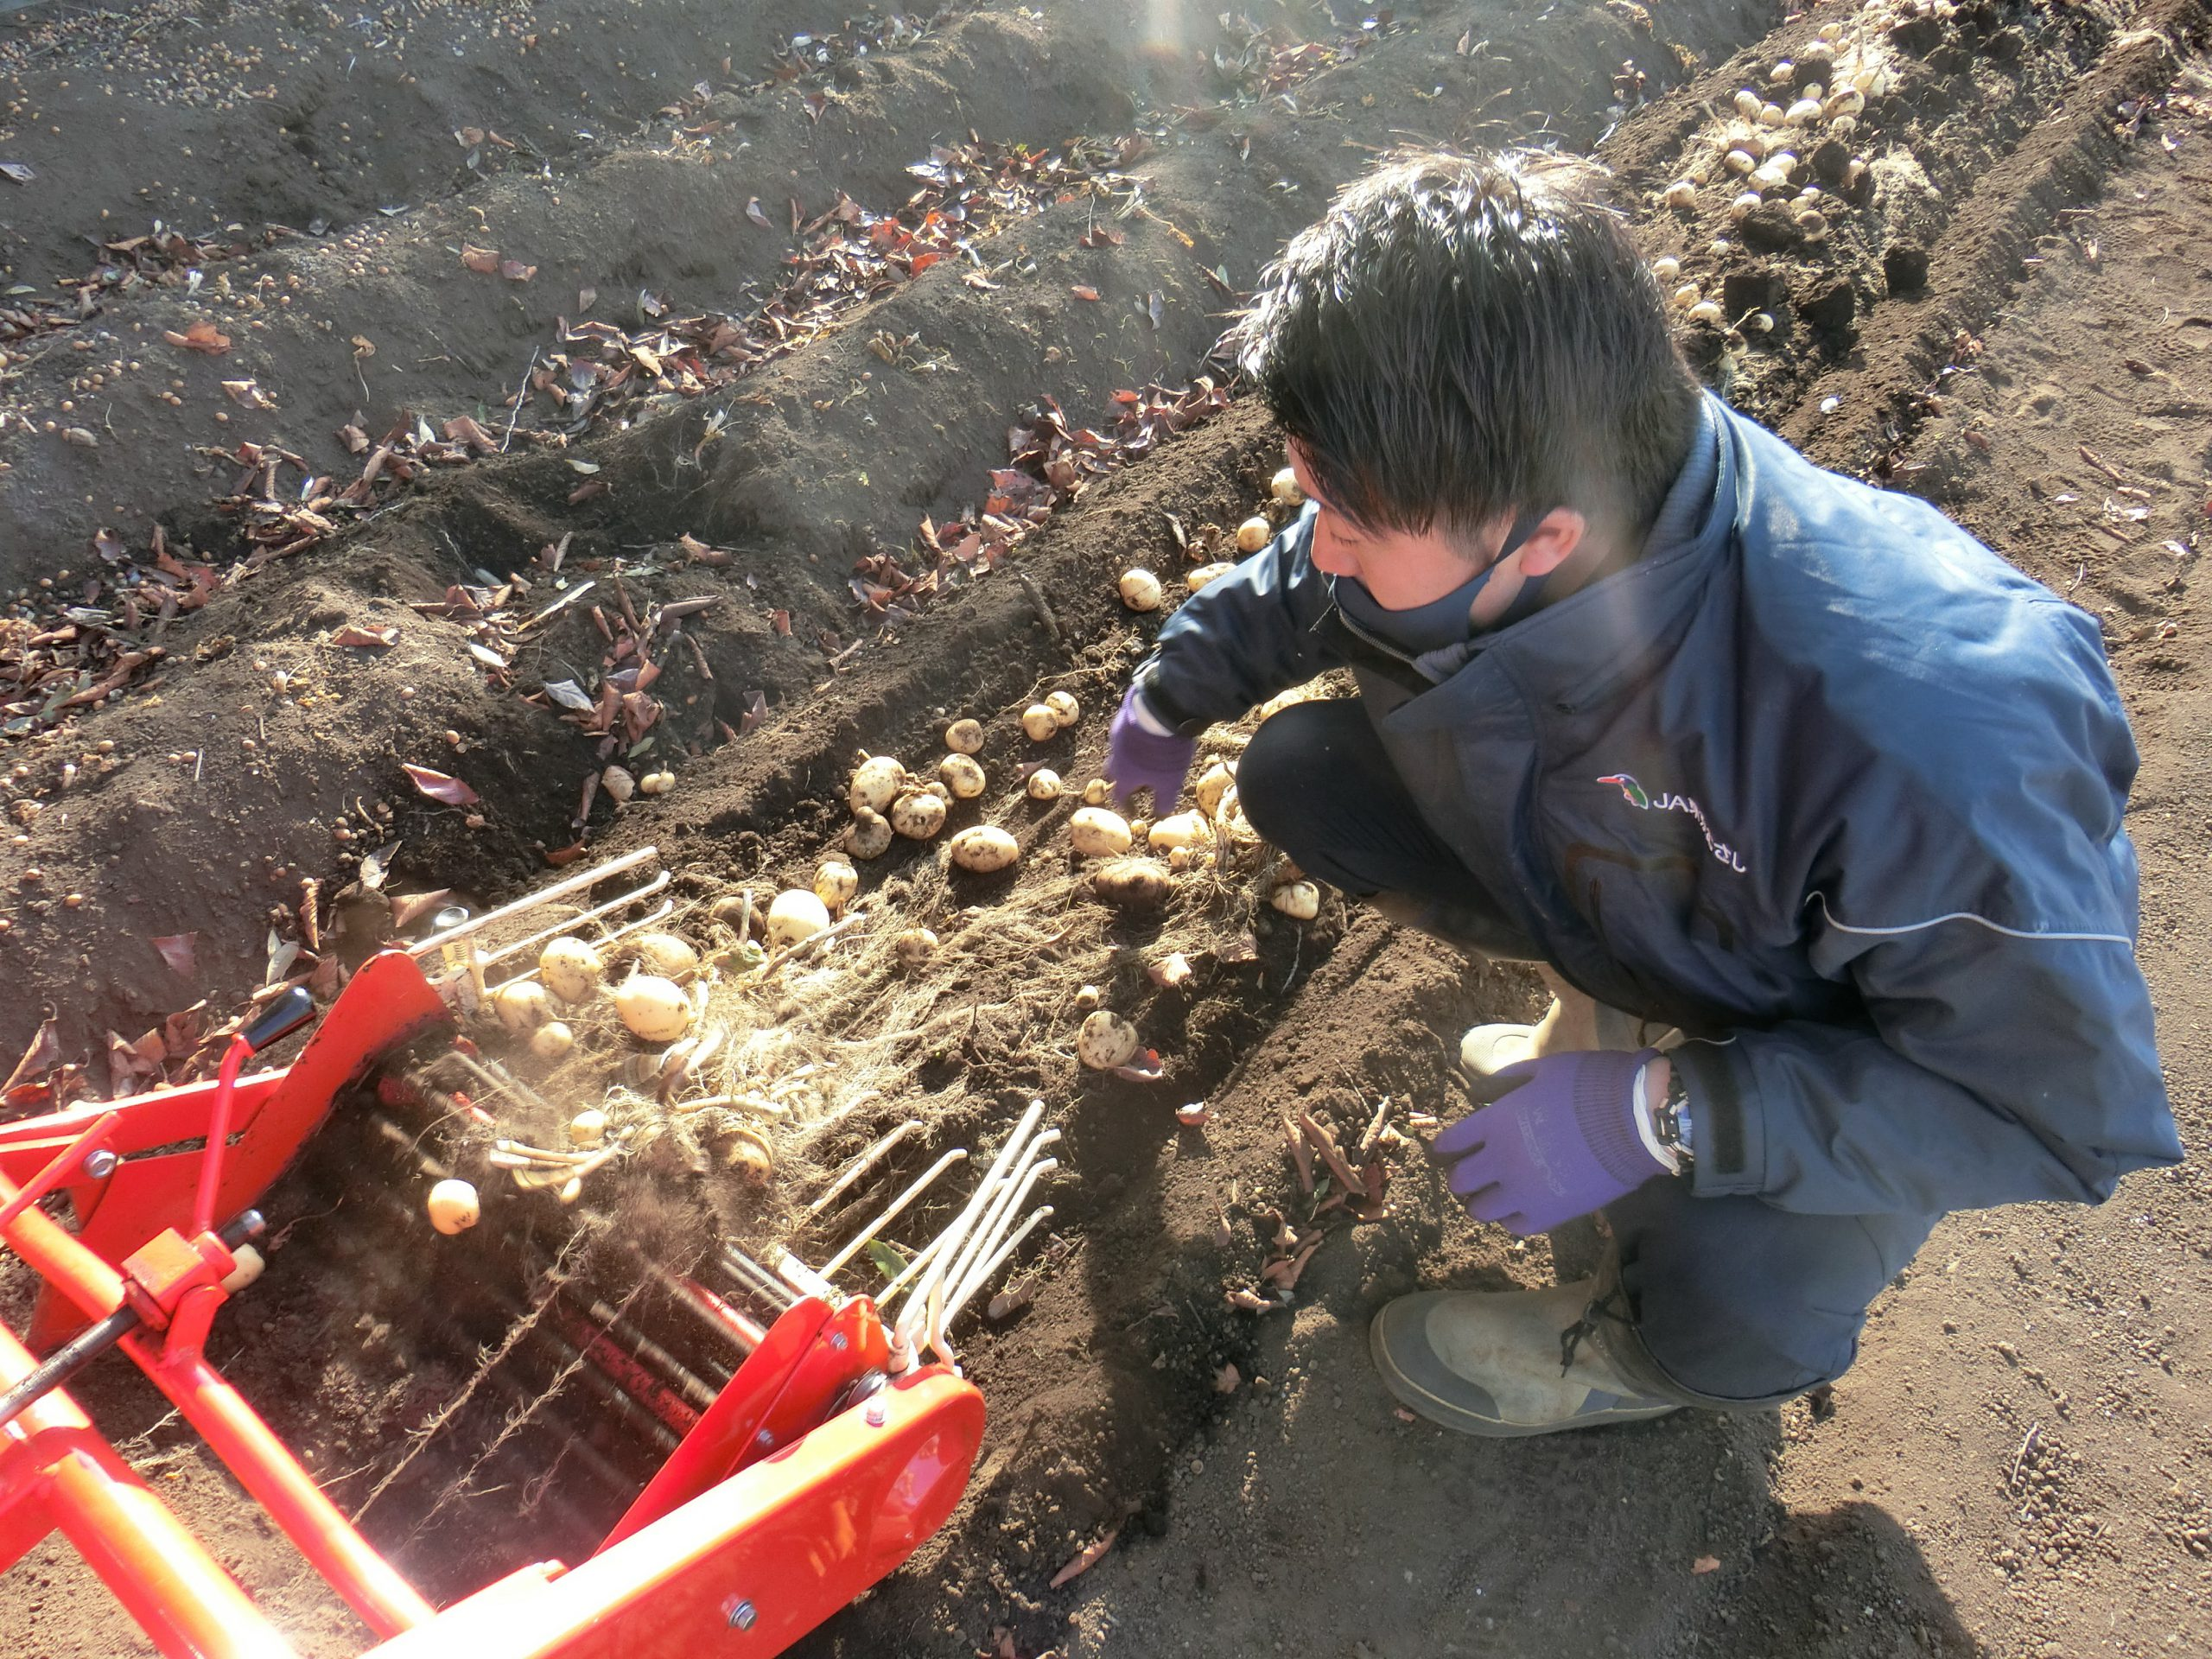 秋作ジャガイモ試験栽培 生産拡大目指す